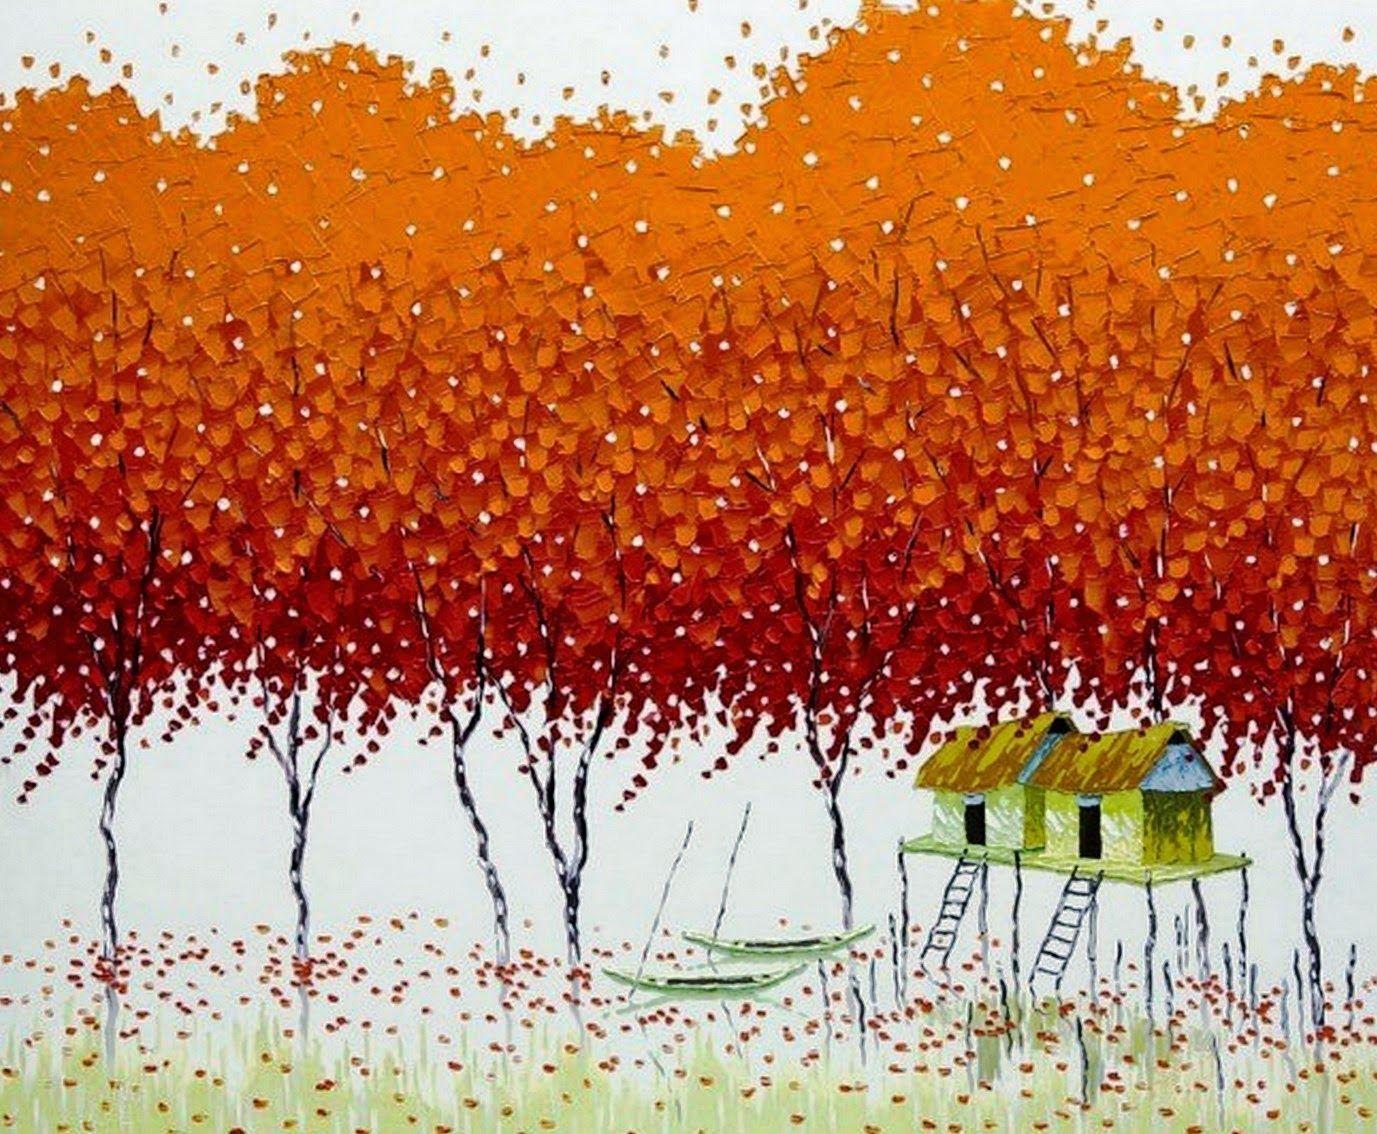 Cuadros modernos de paisajes pintados espatula cuadros - Cuadros espectaculares modernos ...